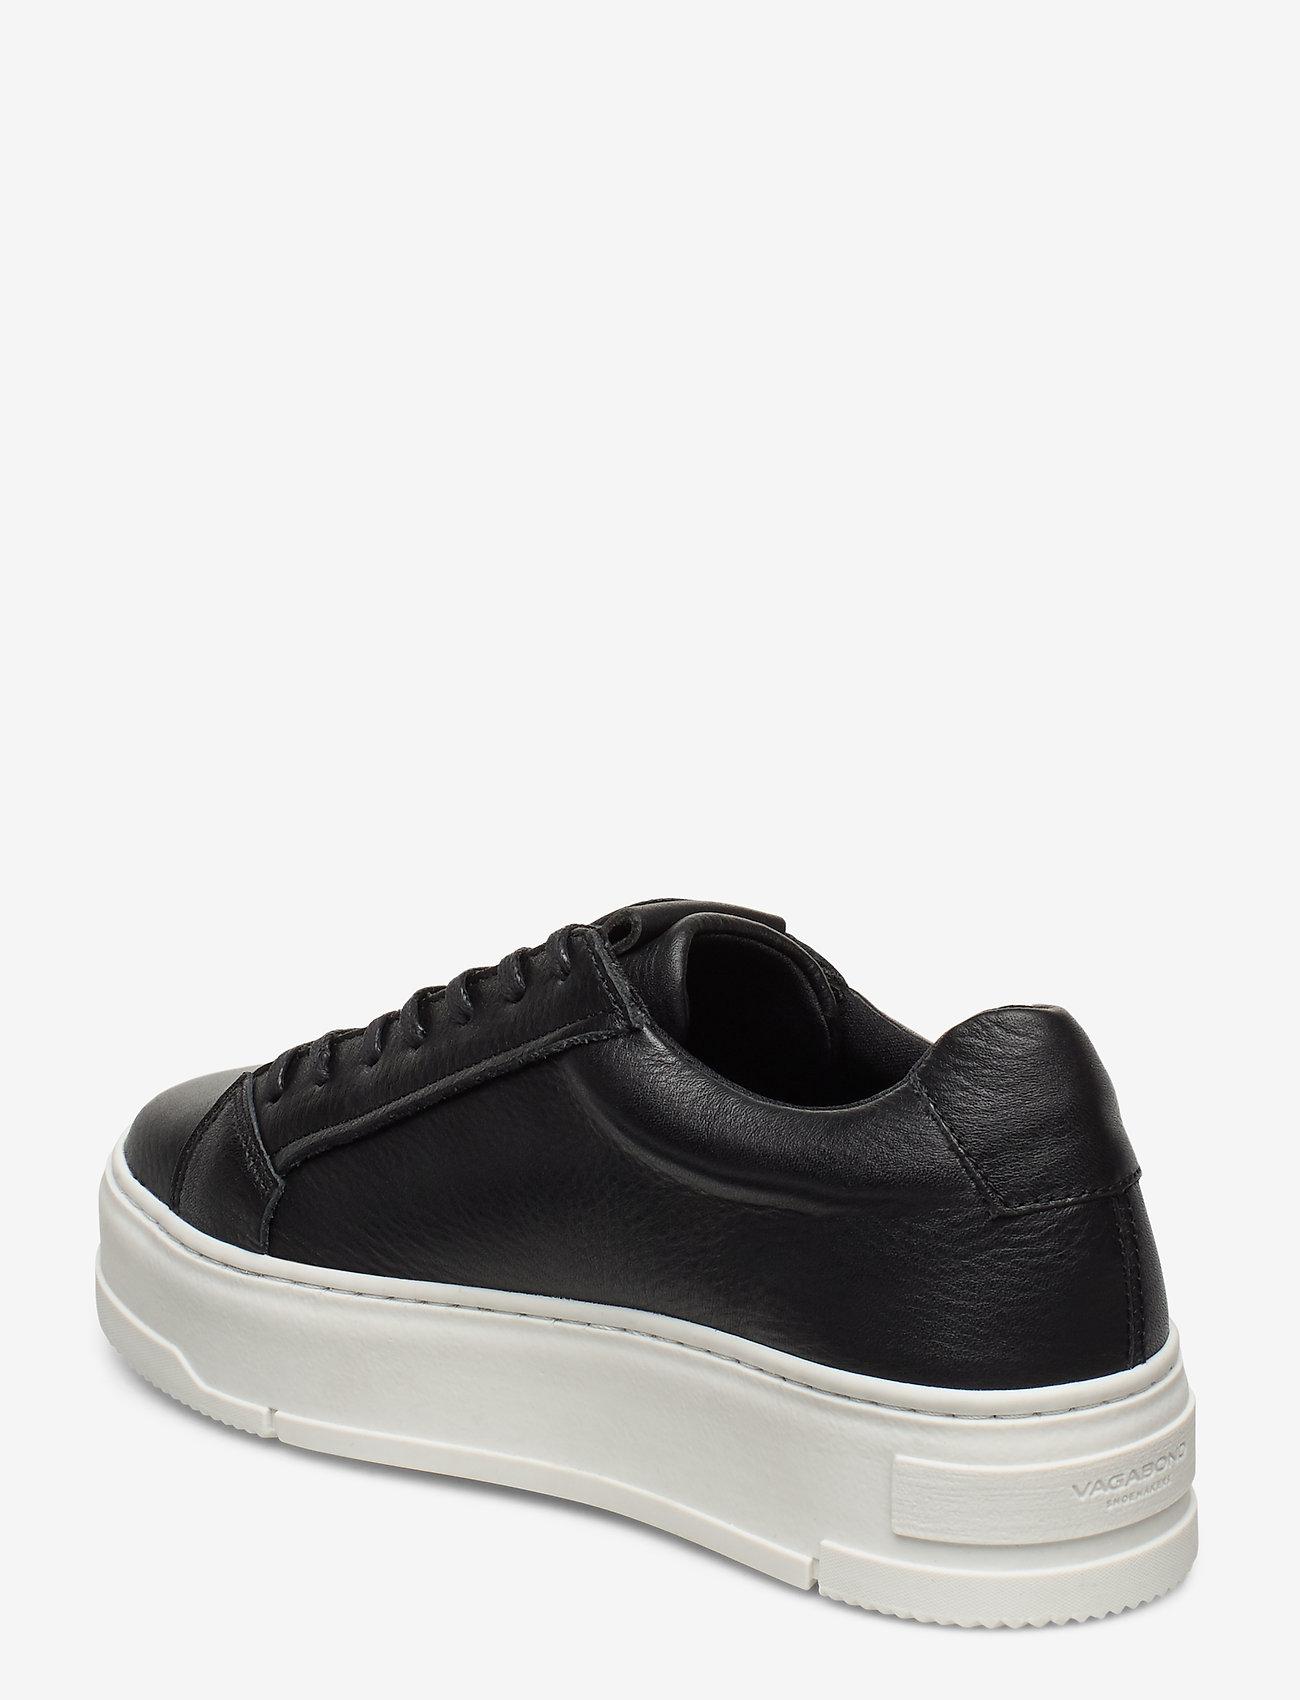 VAGABOND - JUDY - sneakersy niskie - black - 2